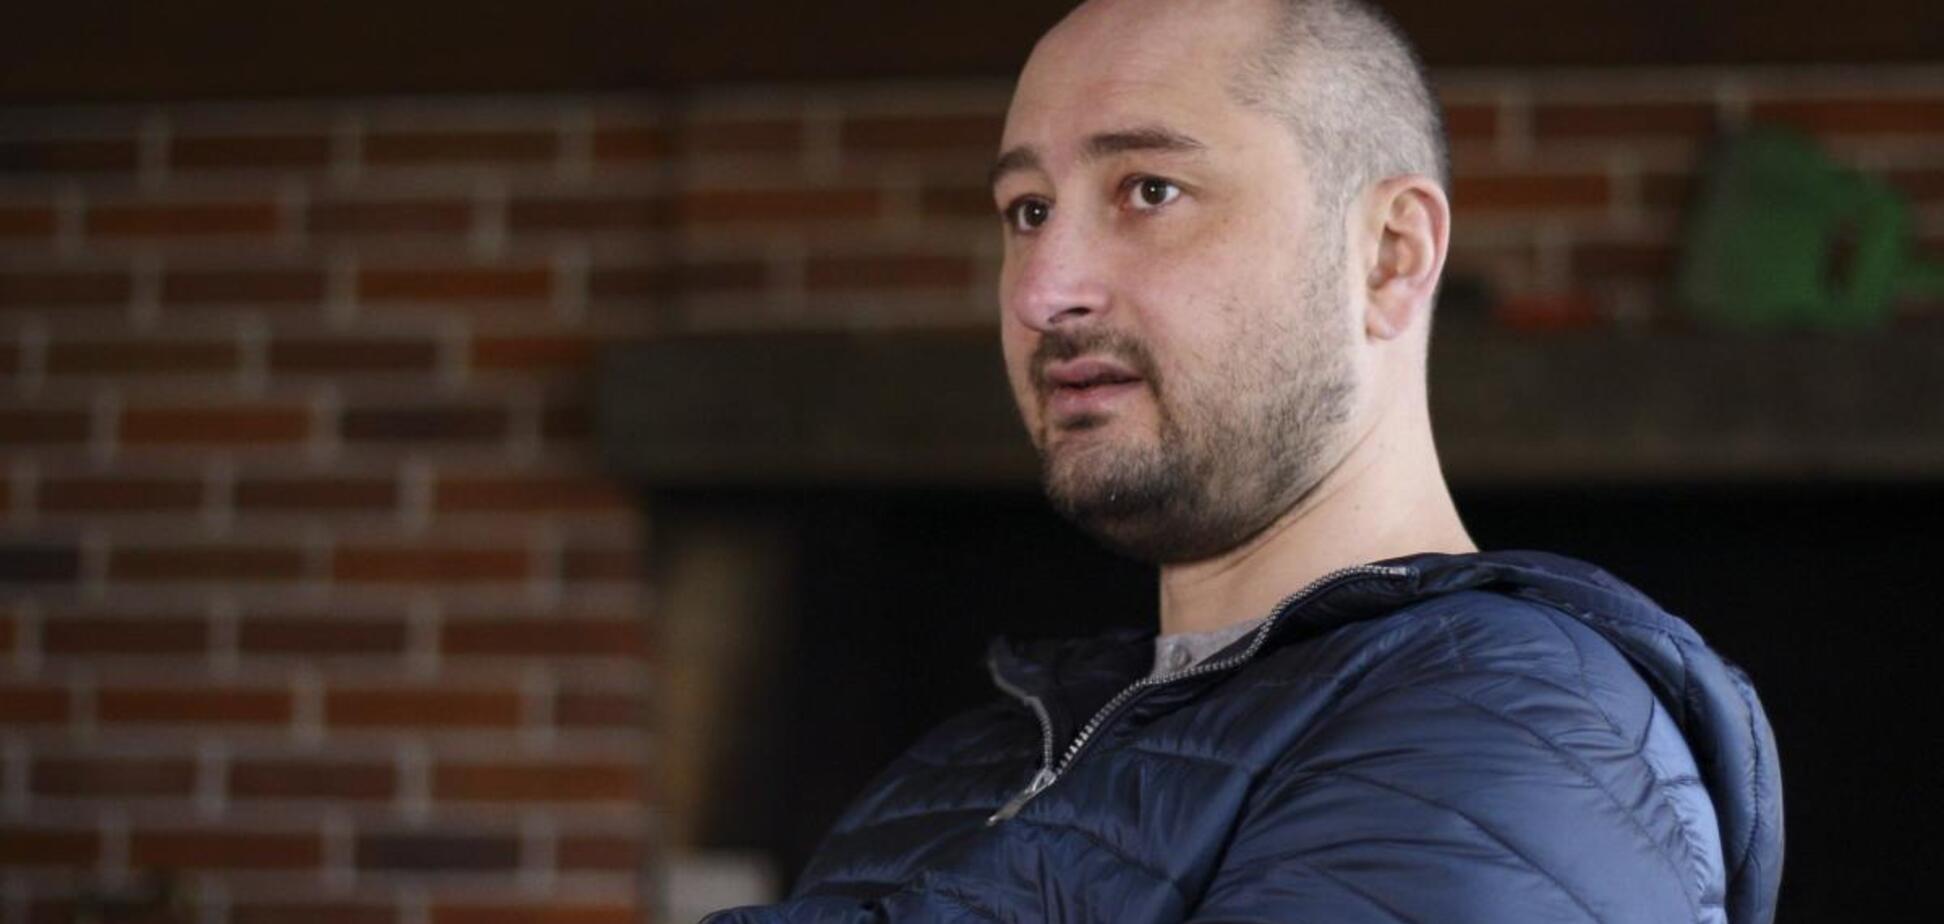 Названо зброю, з якої застрелили Бабченка в Києві